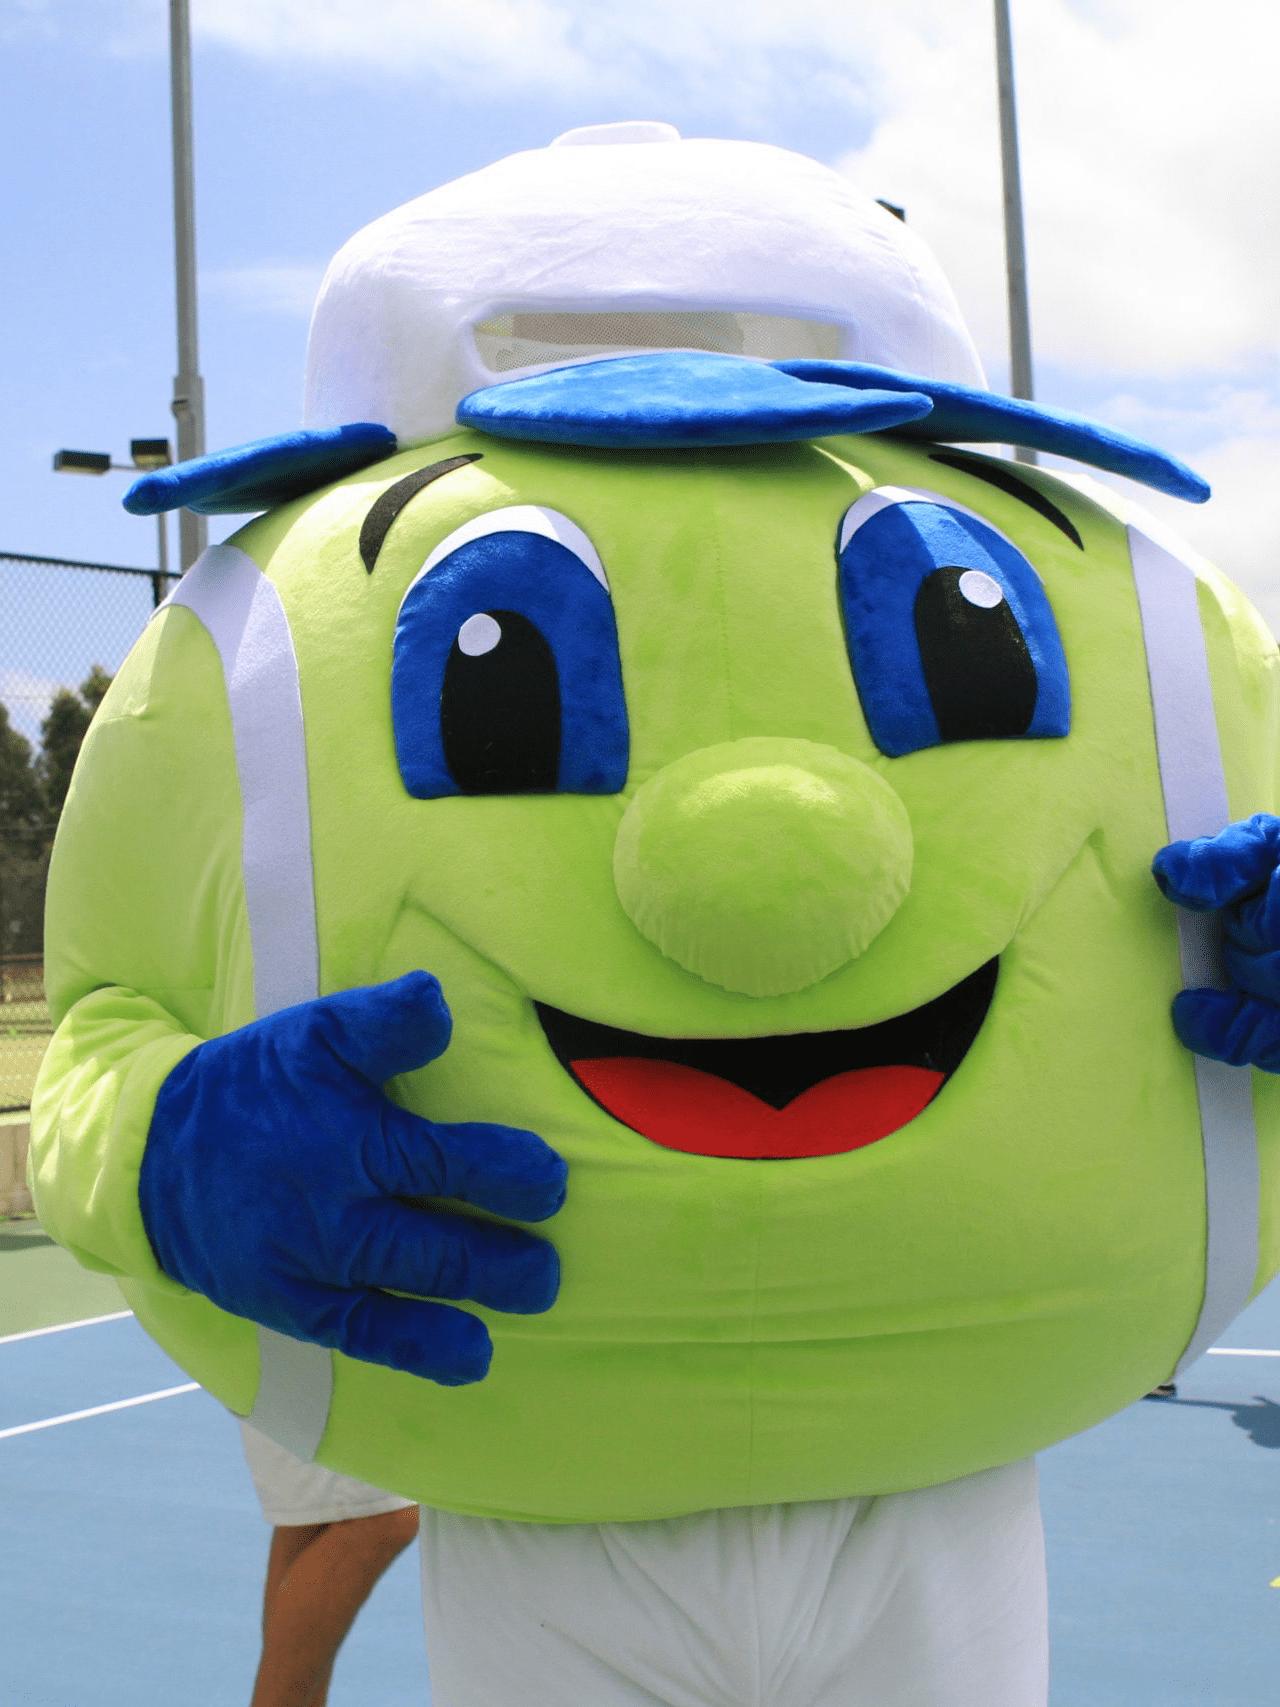 https://www.tennisexcellence.com.au/wp-content/uploads/2020/05/Coach_Mascot-Ace.png